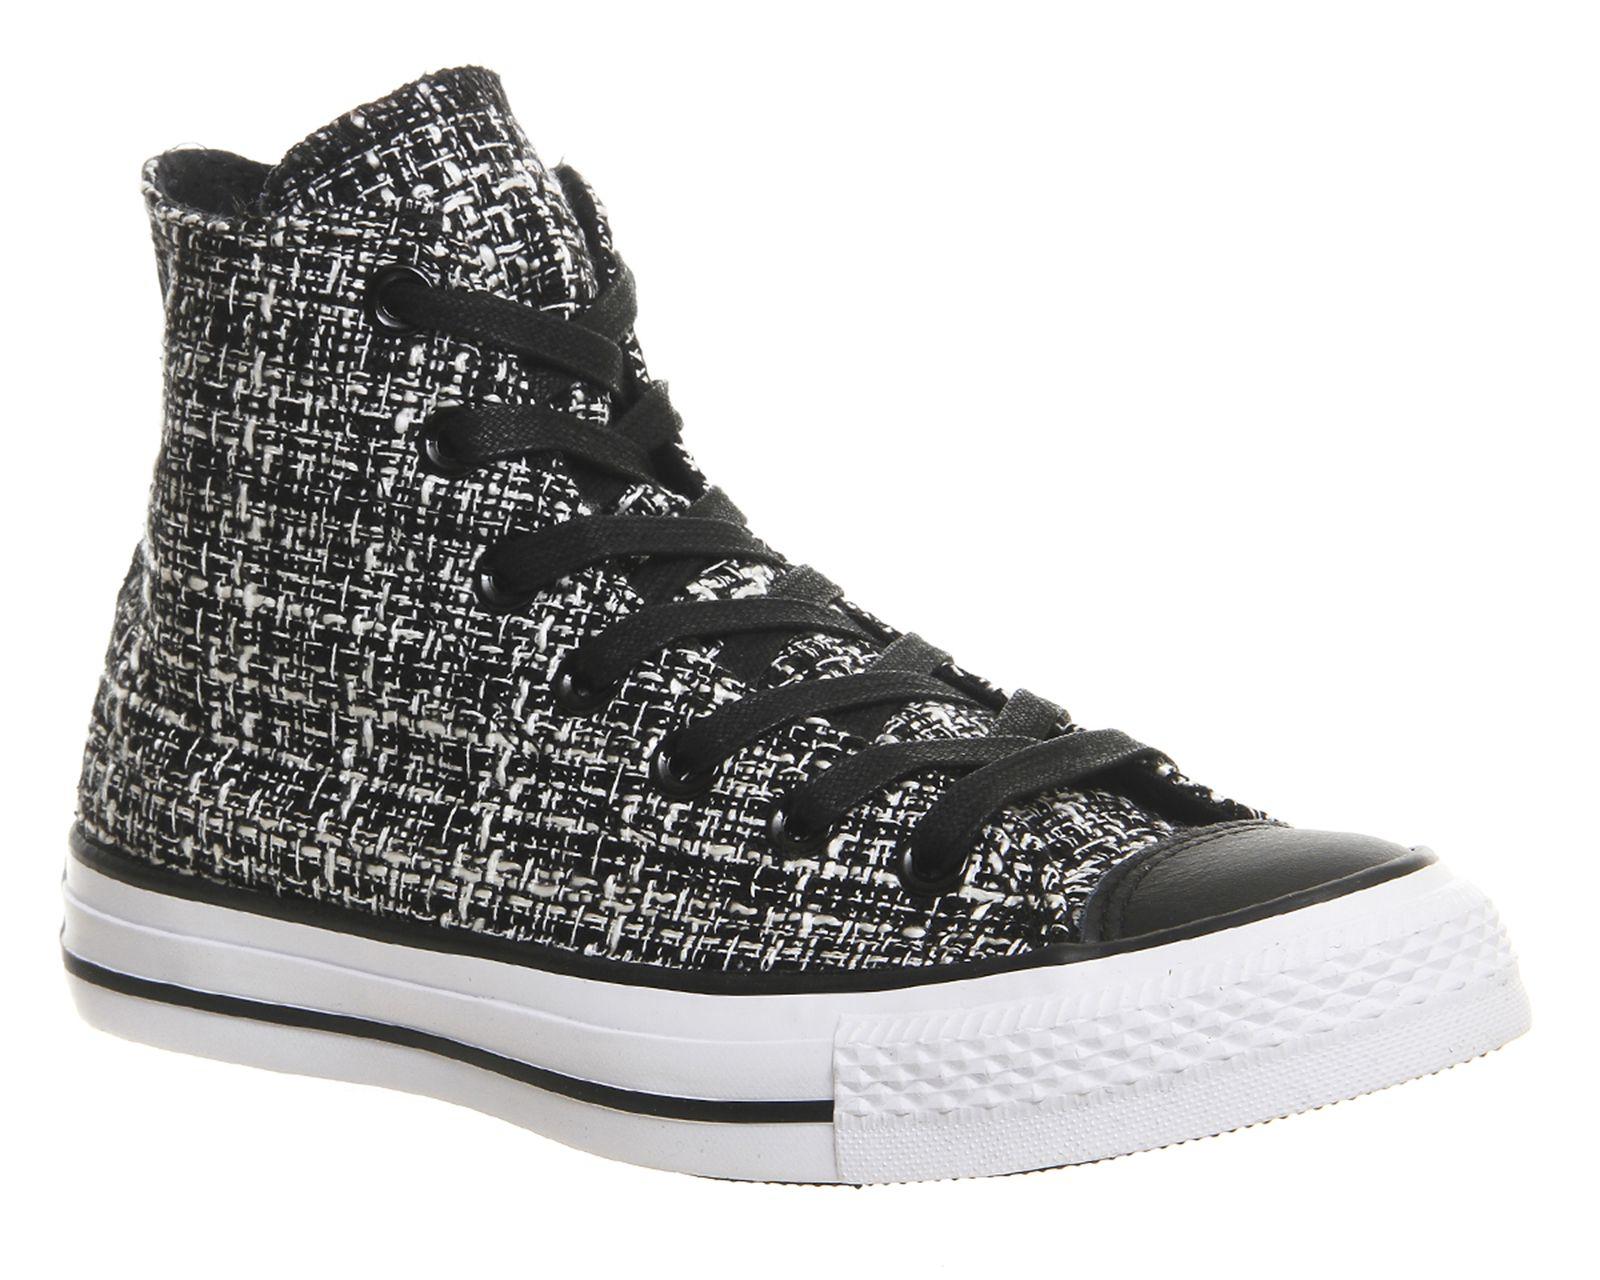 Converse Sneakers Converse All Star Hi Black Tweed